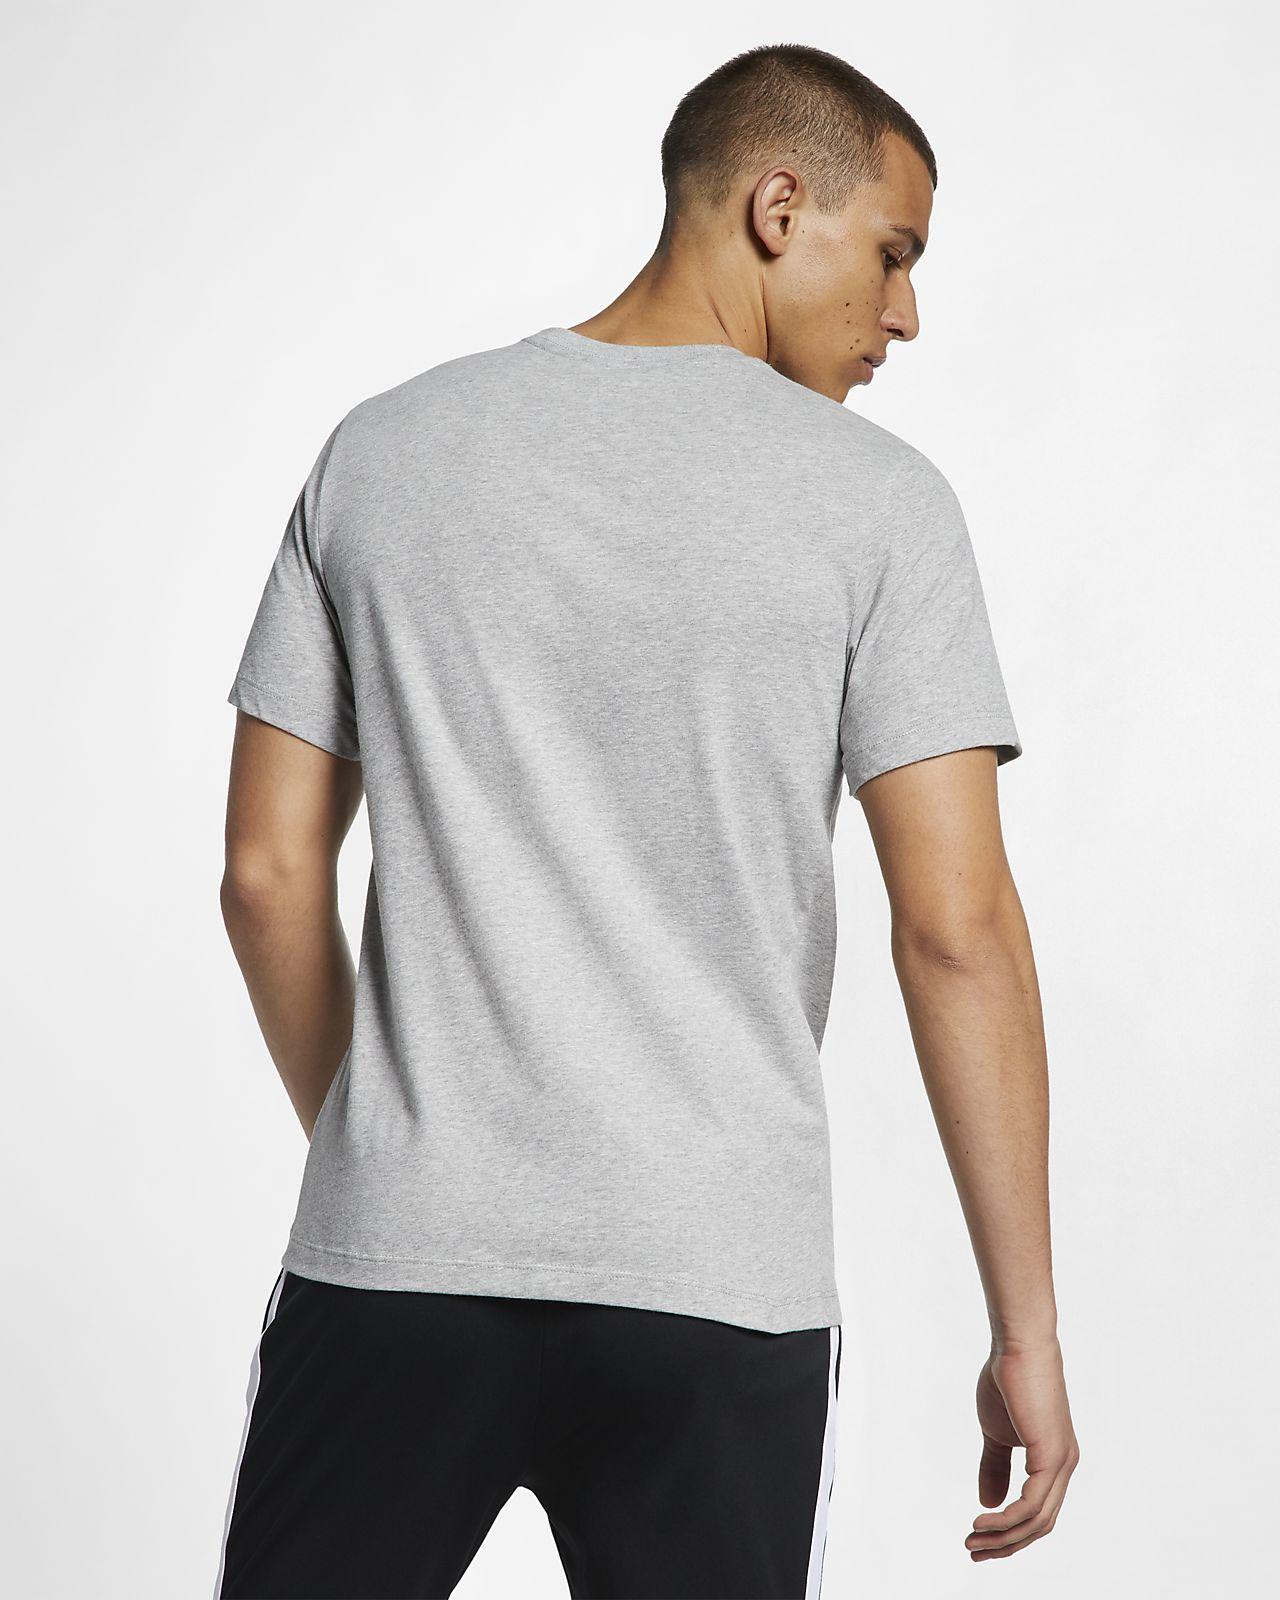 61c1b6435 Nike Dri-FIT Paris Saint-Germain Men's Football T-Shirt. Nike.com DK